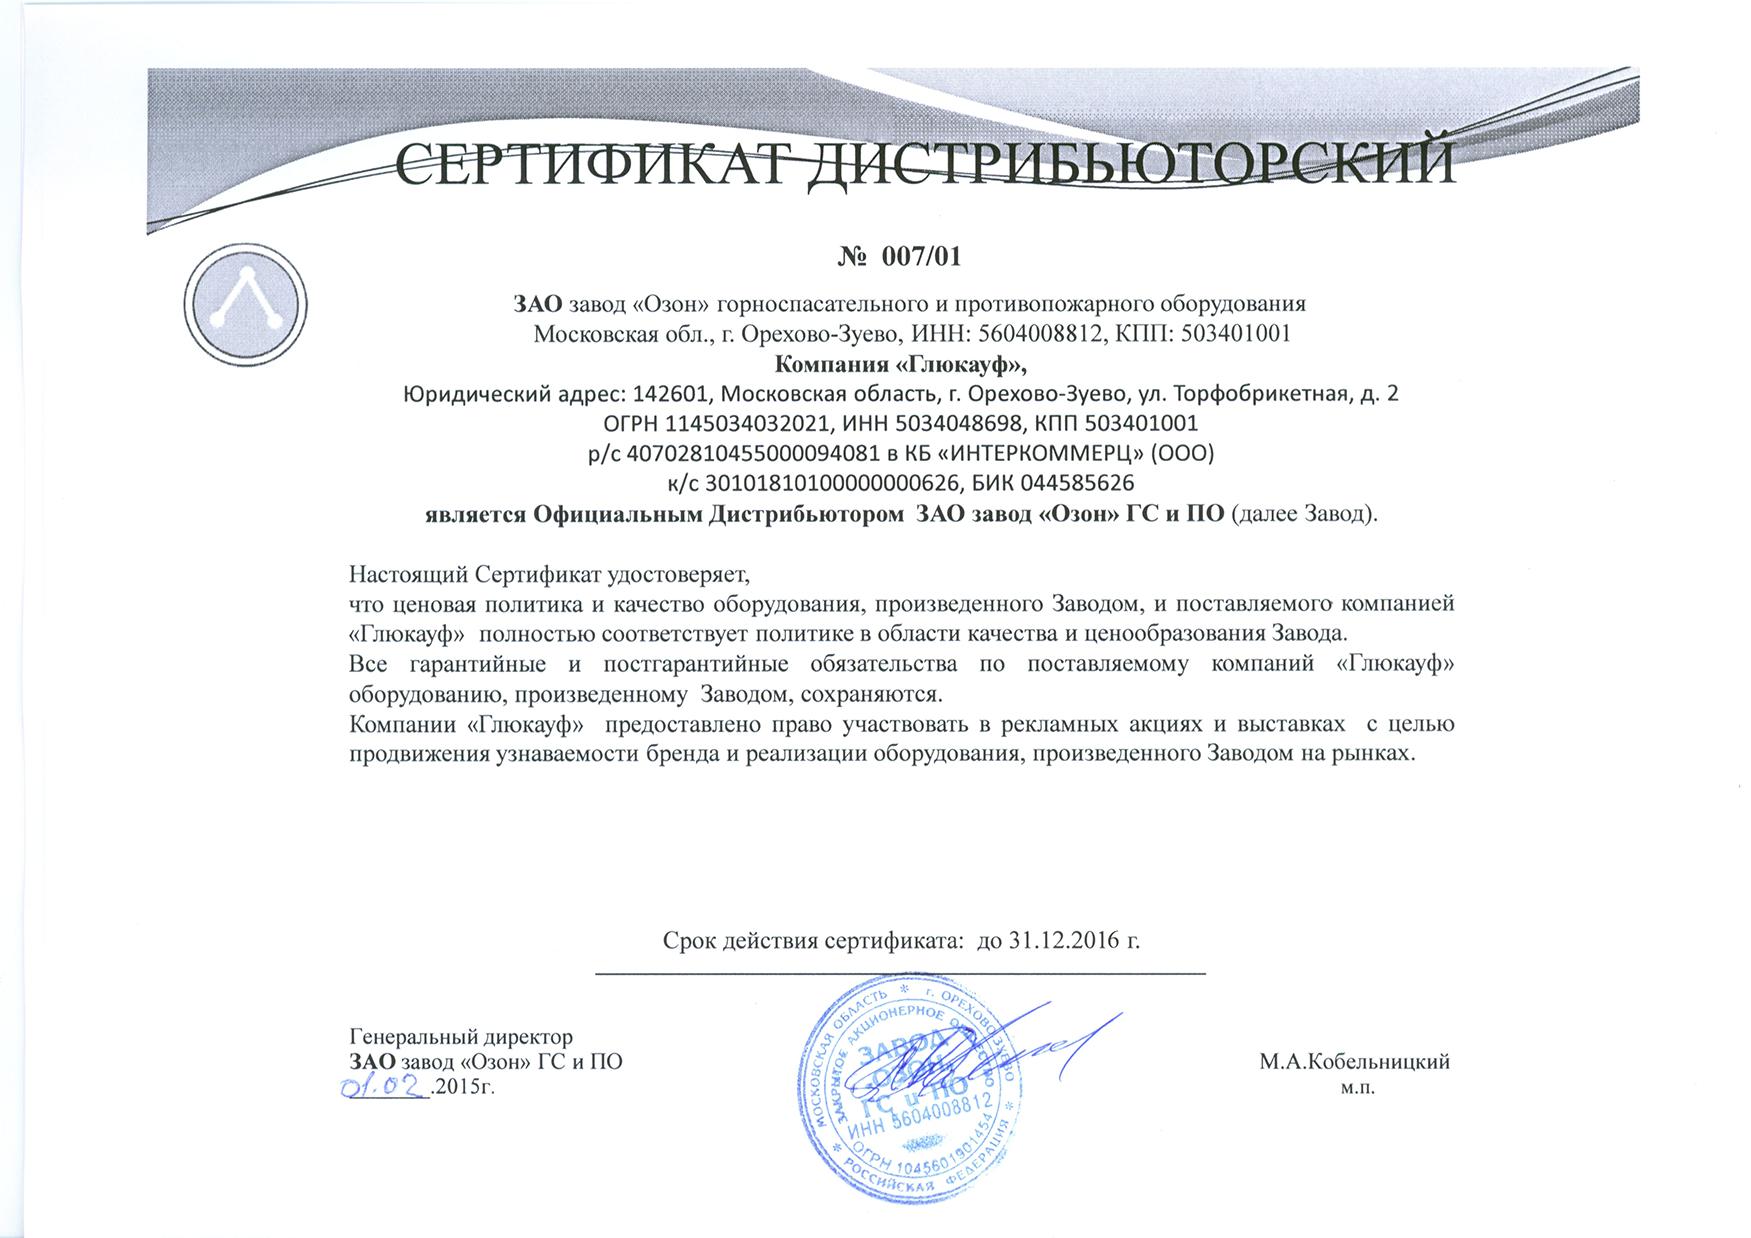 Новости на майл.ру онлайн